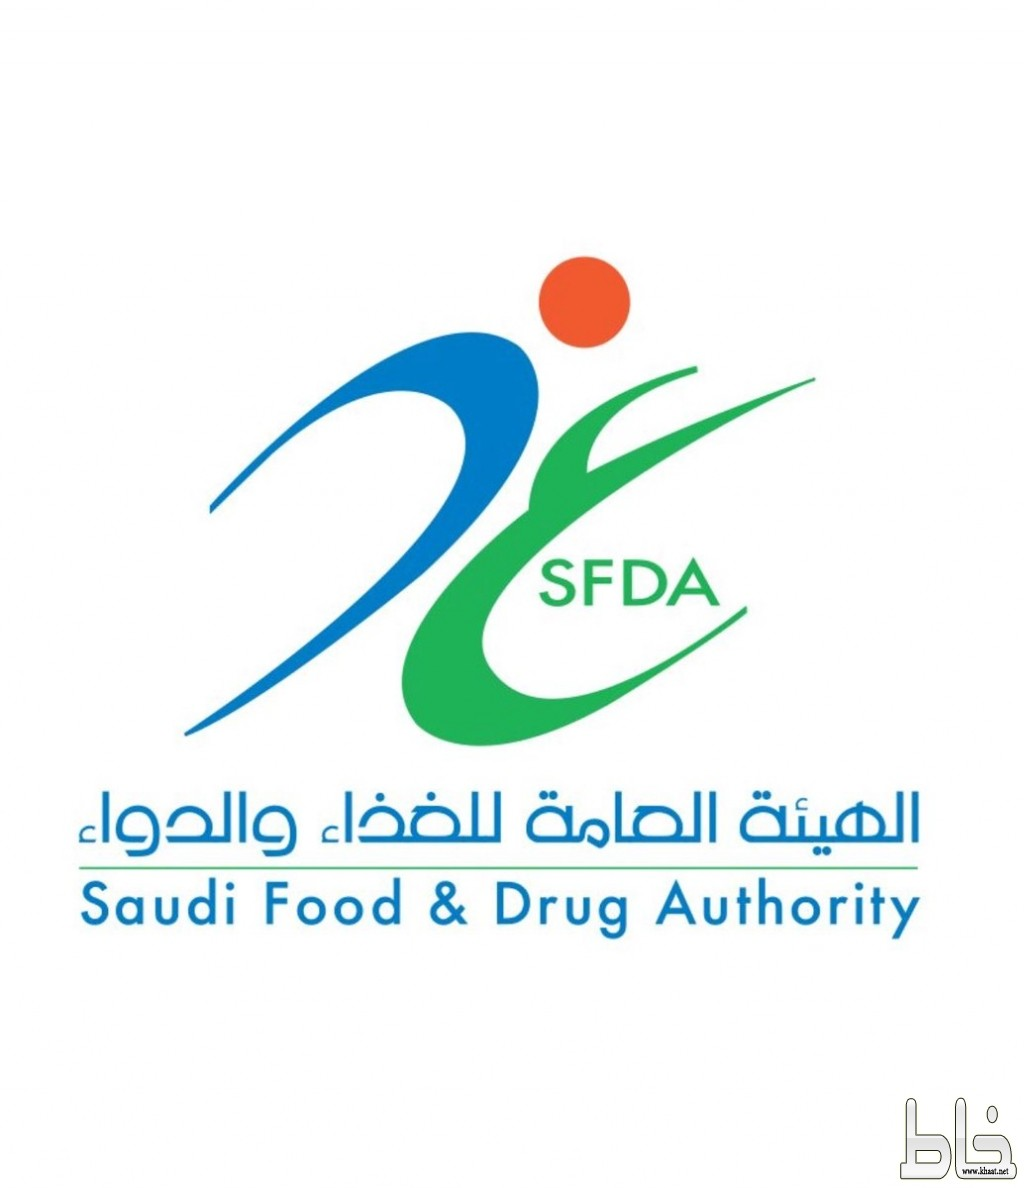 #هيئة_الغذاء_والدواء تصدر بيان حول المستحضرات الدوائية التي تحتوي على مادة (ميتفورمين)